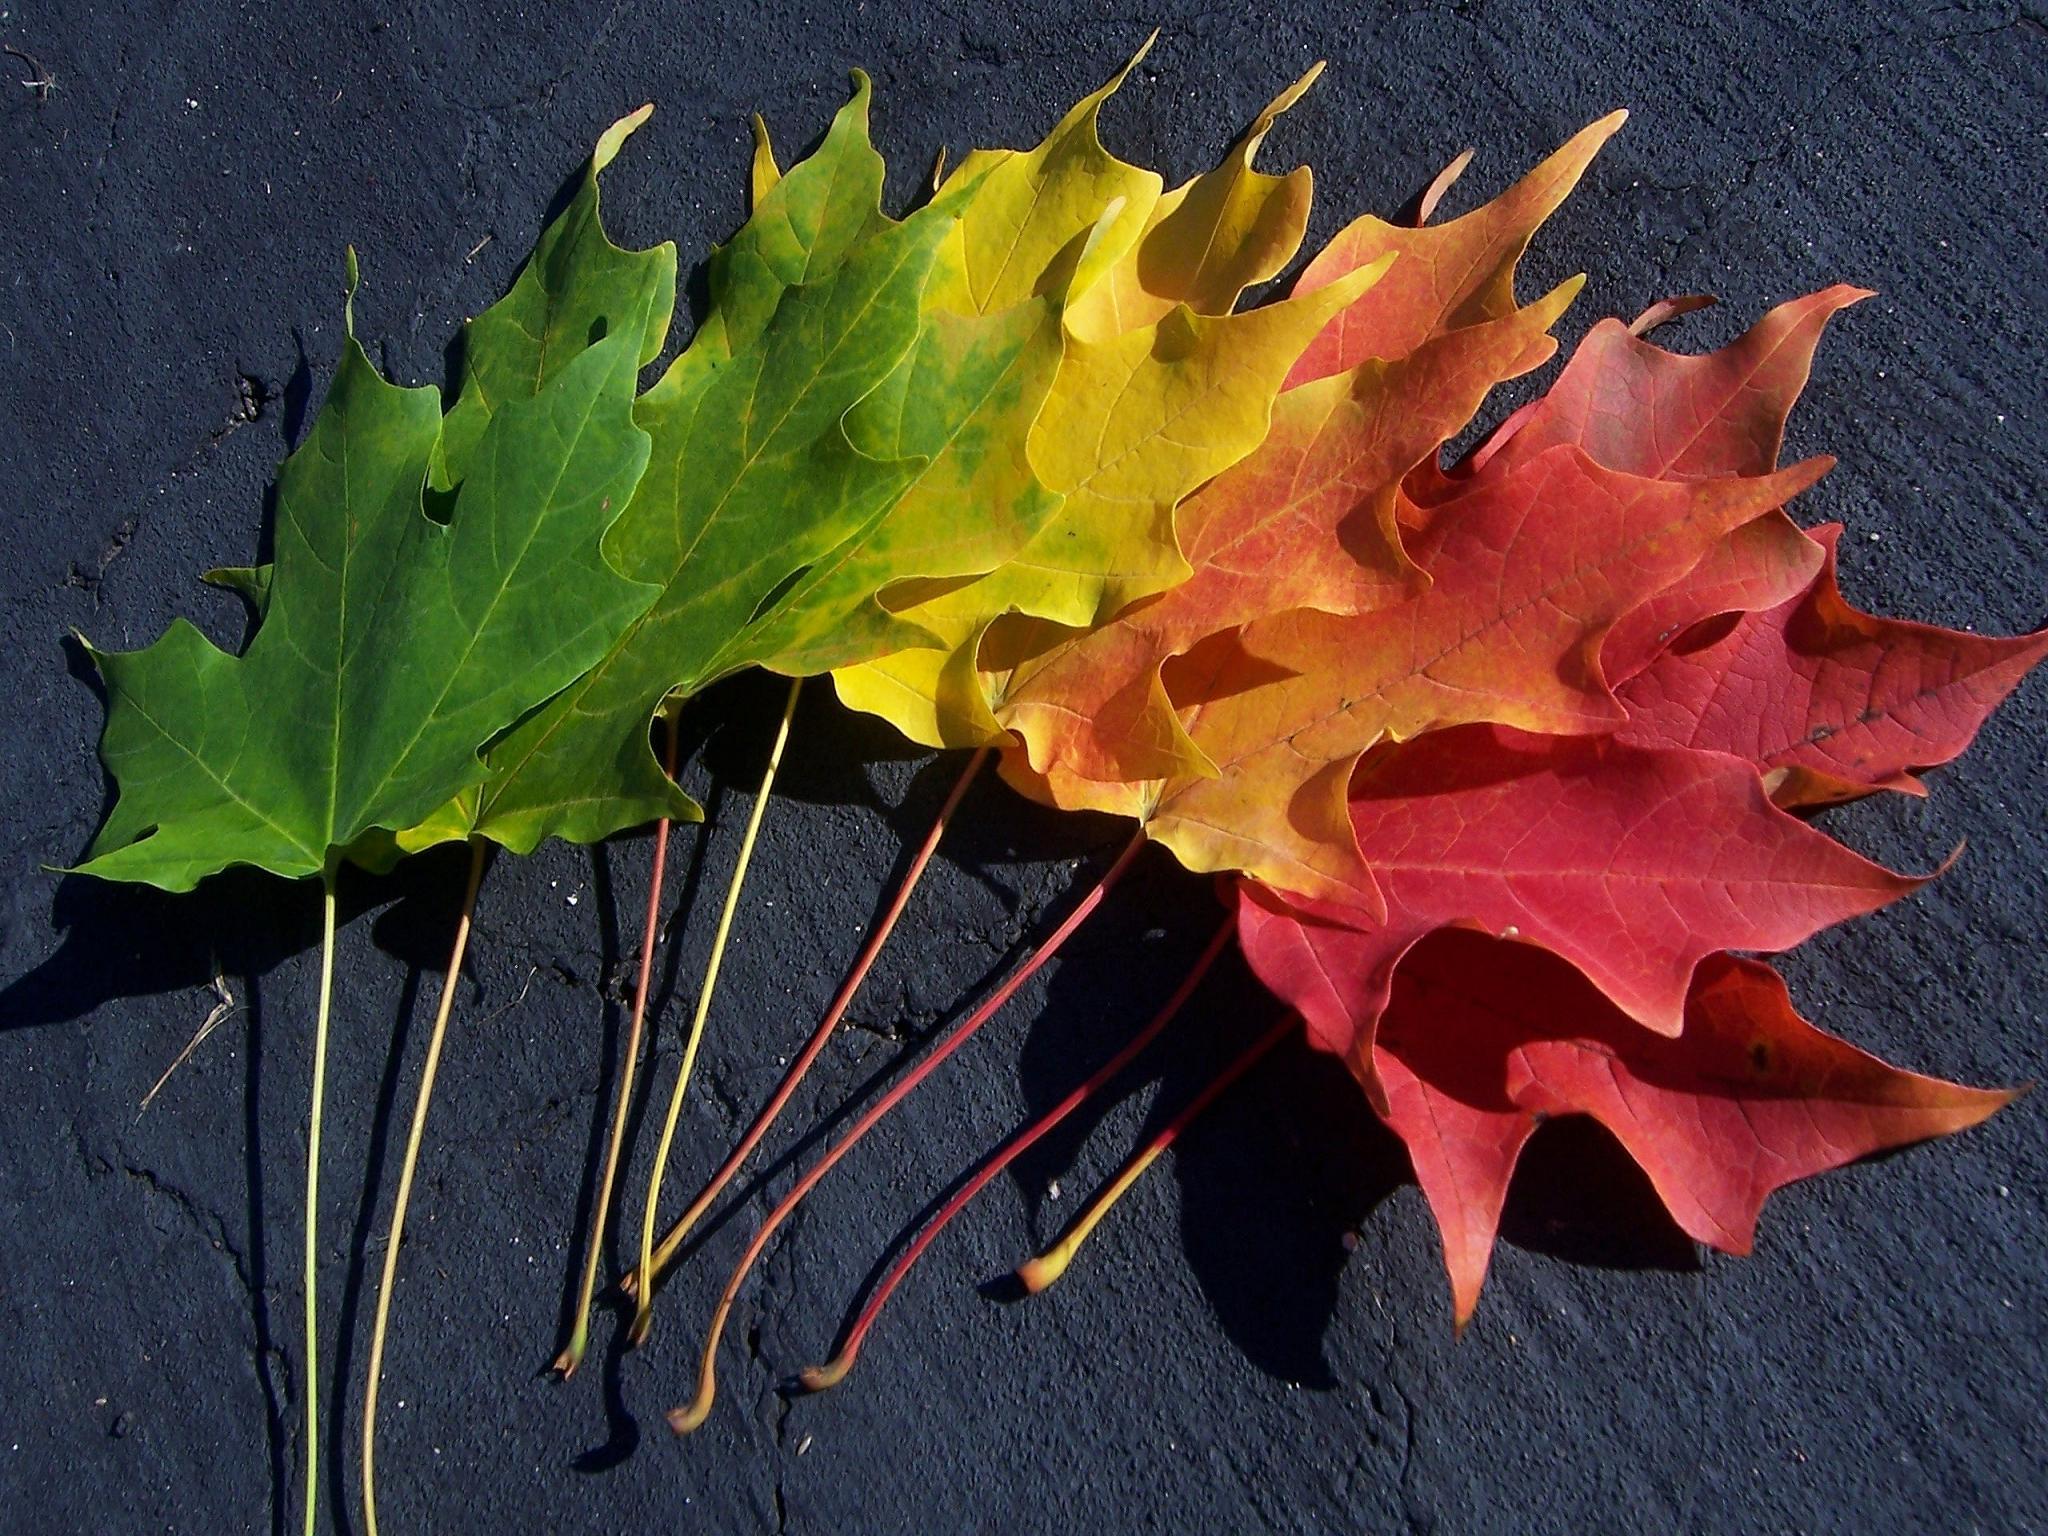 Spectrumn of Autumn Wallpaper by thetangyzip